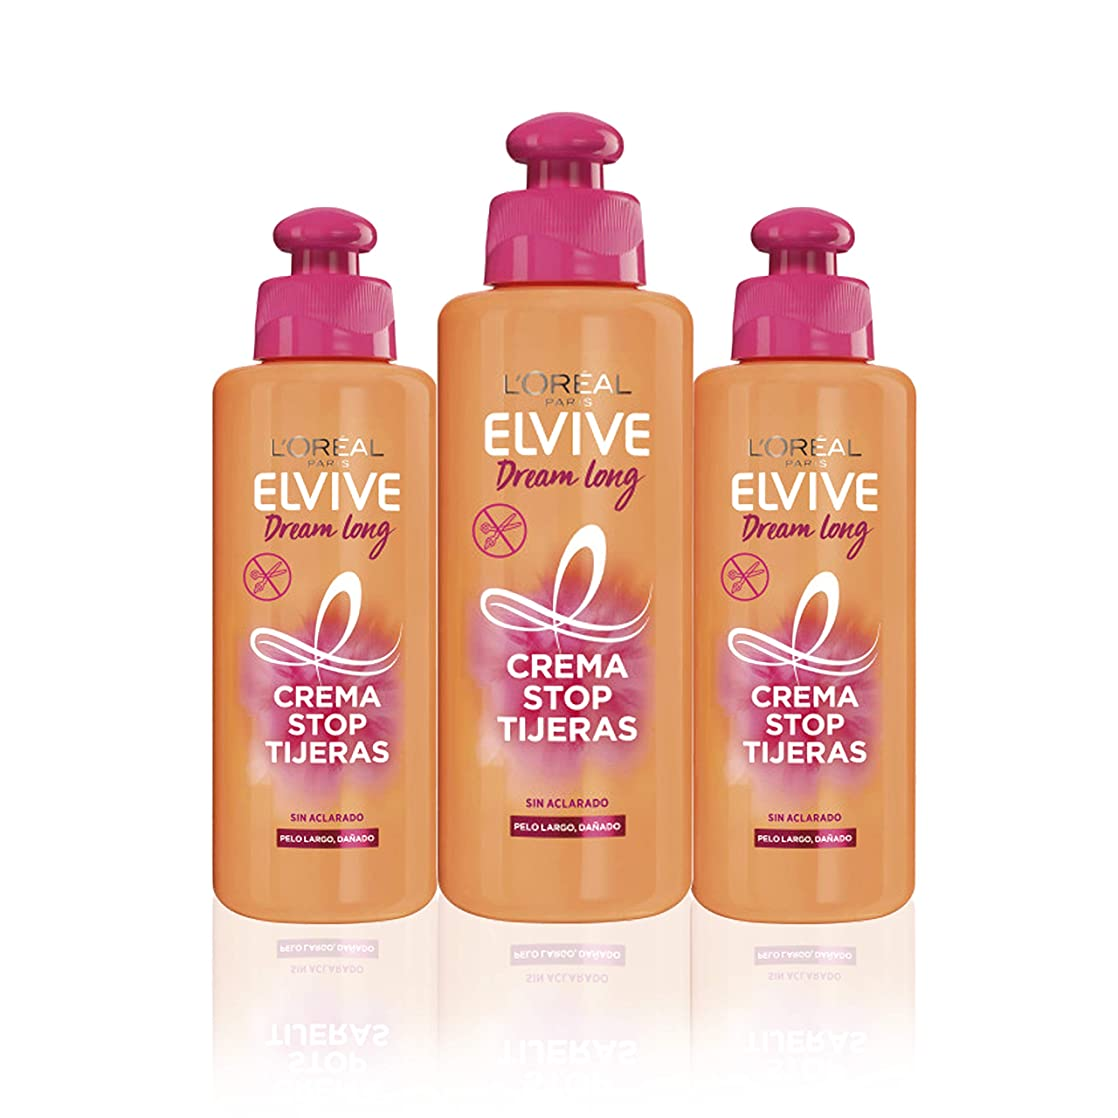 宮殿検索エンジンマーケティング確実Elvive Dream Long - 3コンテナクリーム、ストップハサミ600 ml